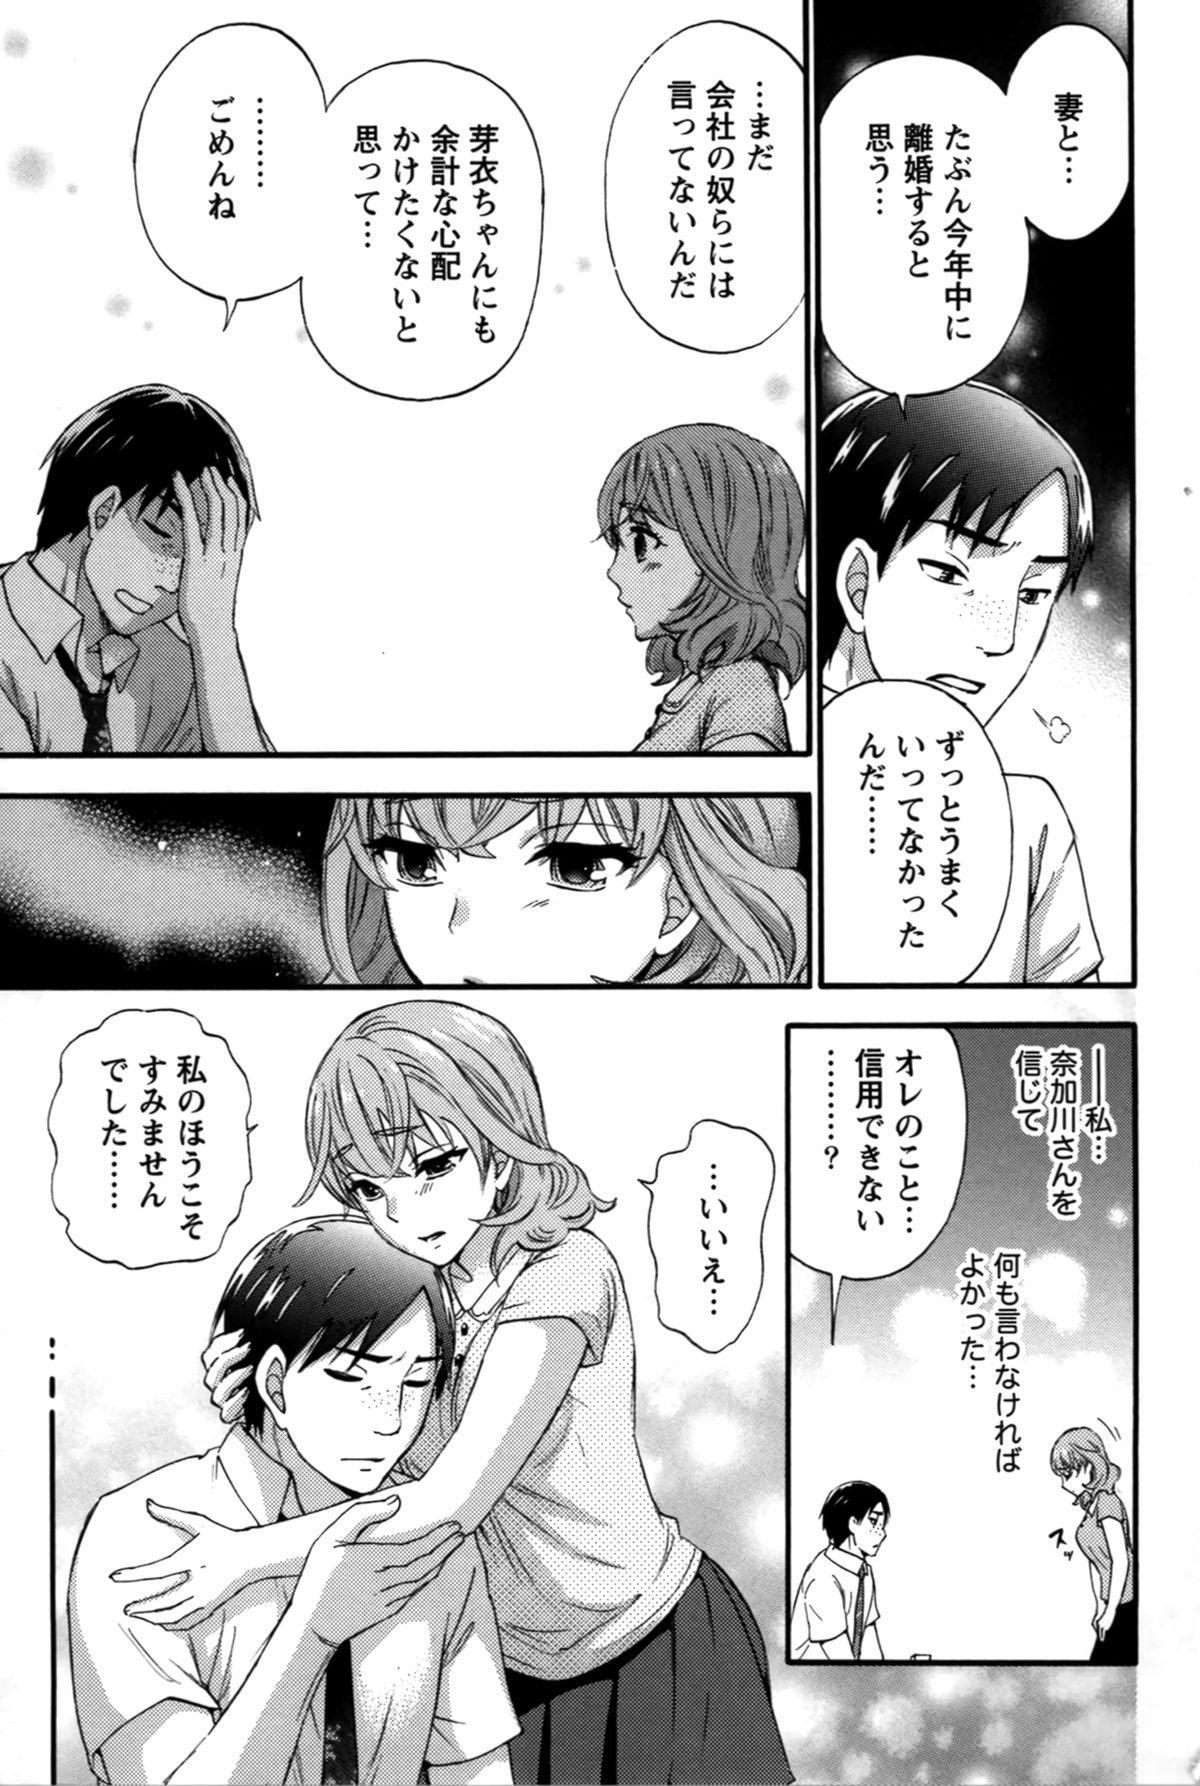 Anata to Watashi wa Warukunai 79